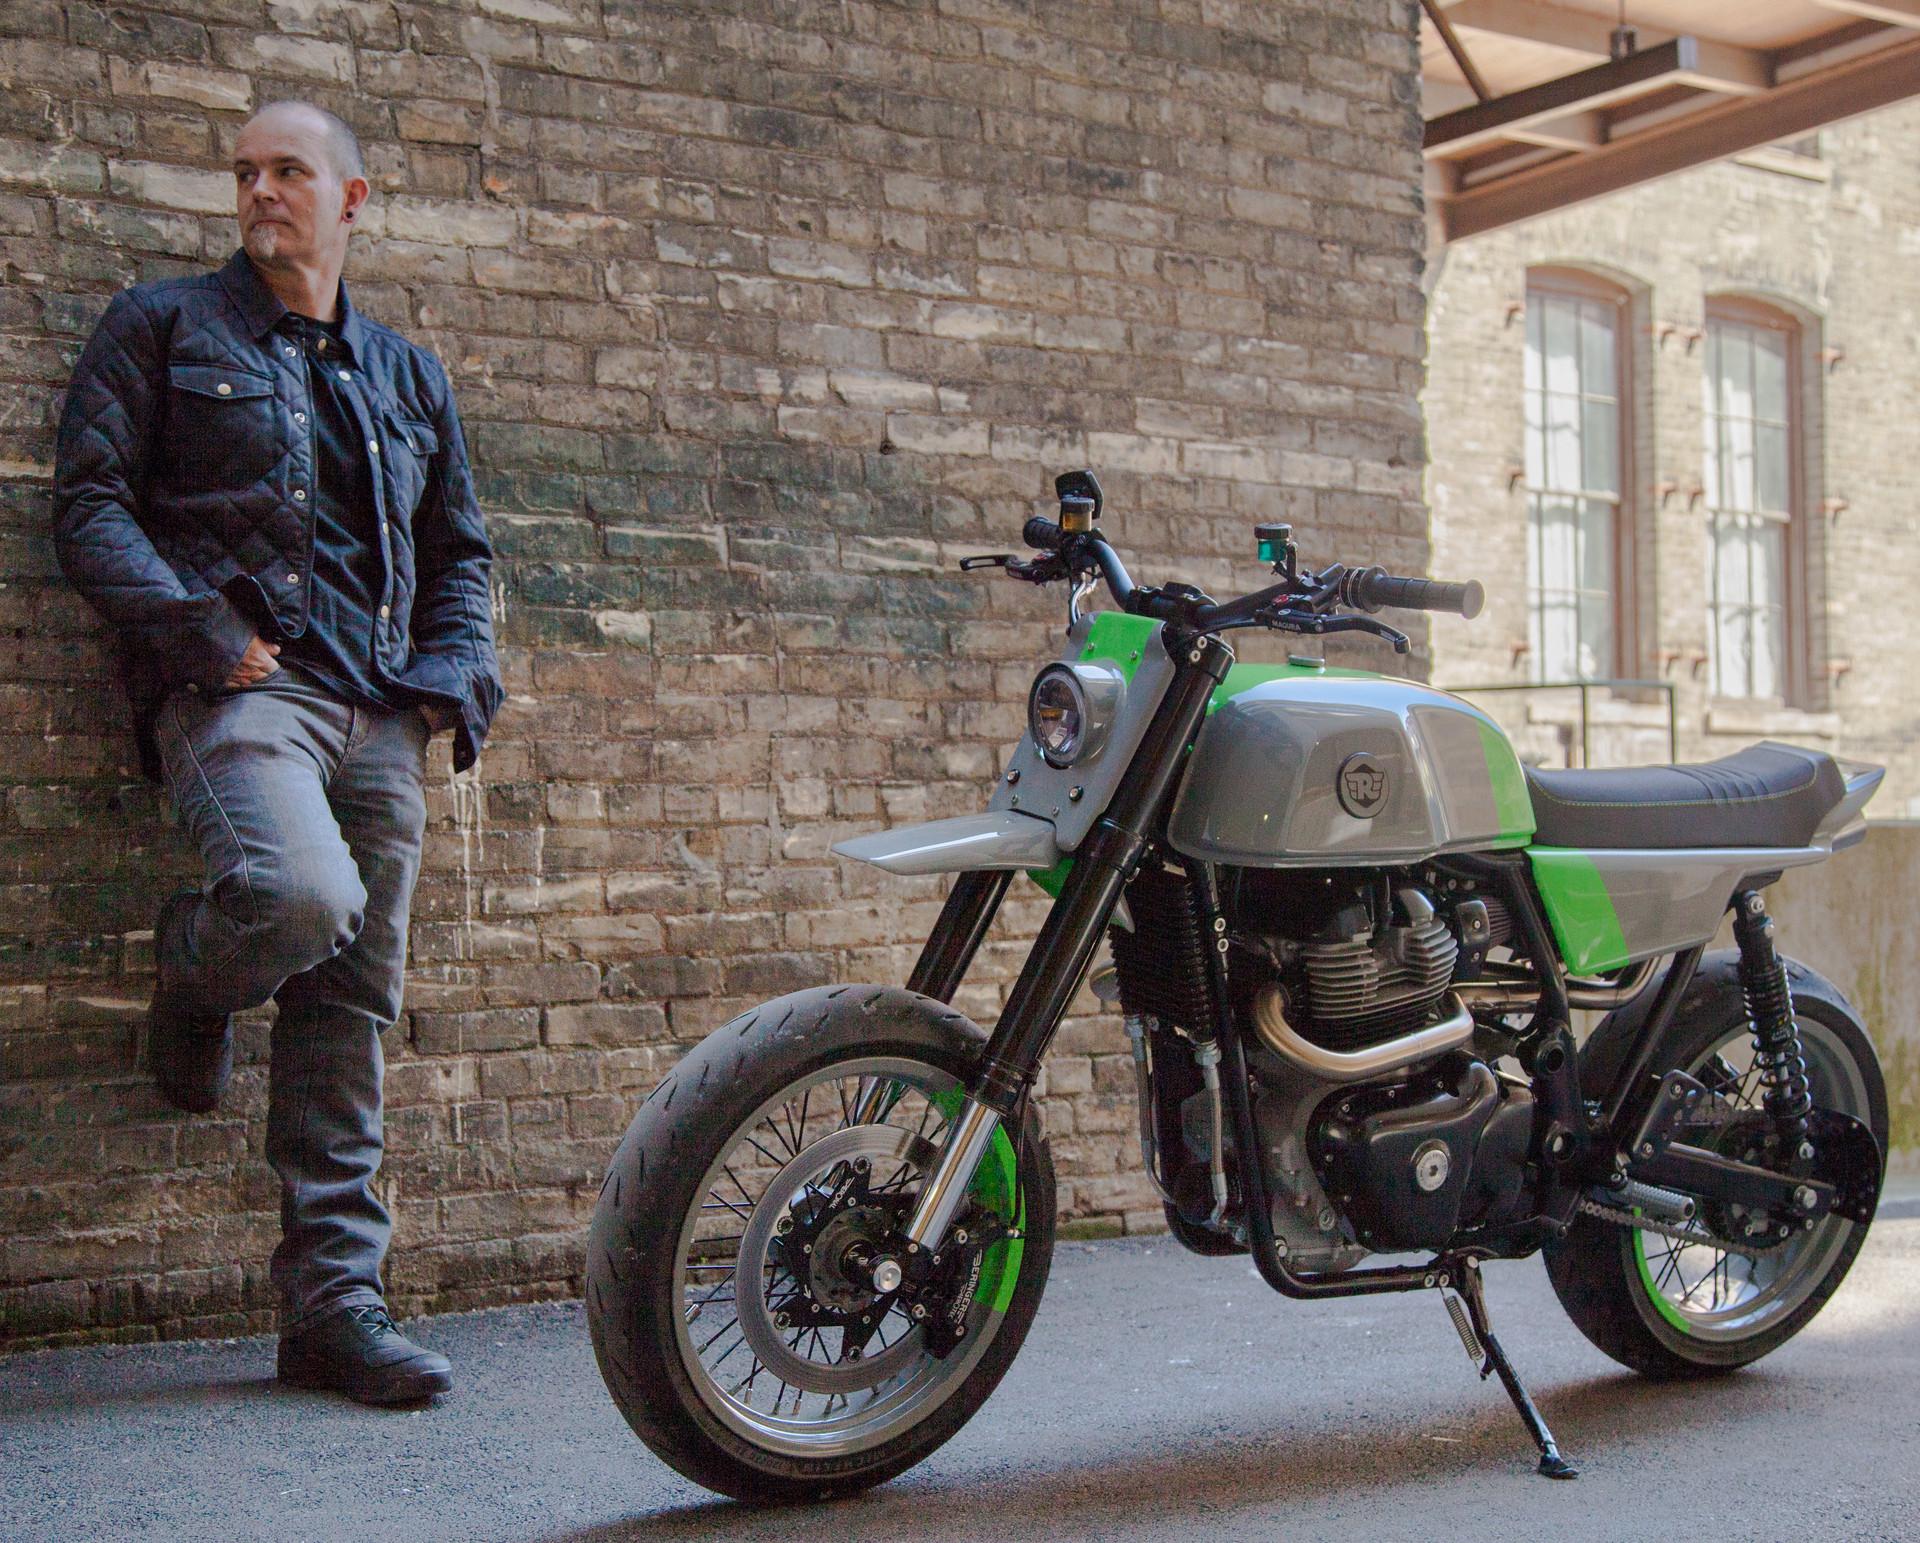 Tony of Analog Motorcycles